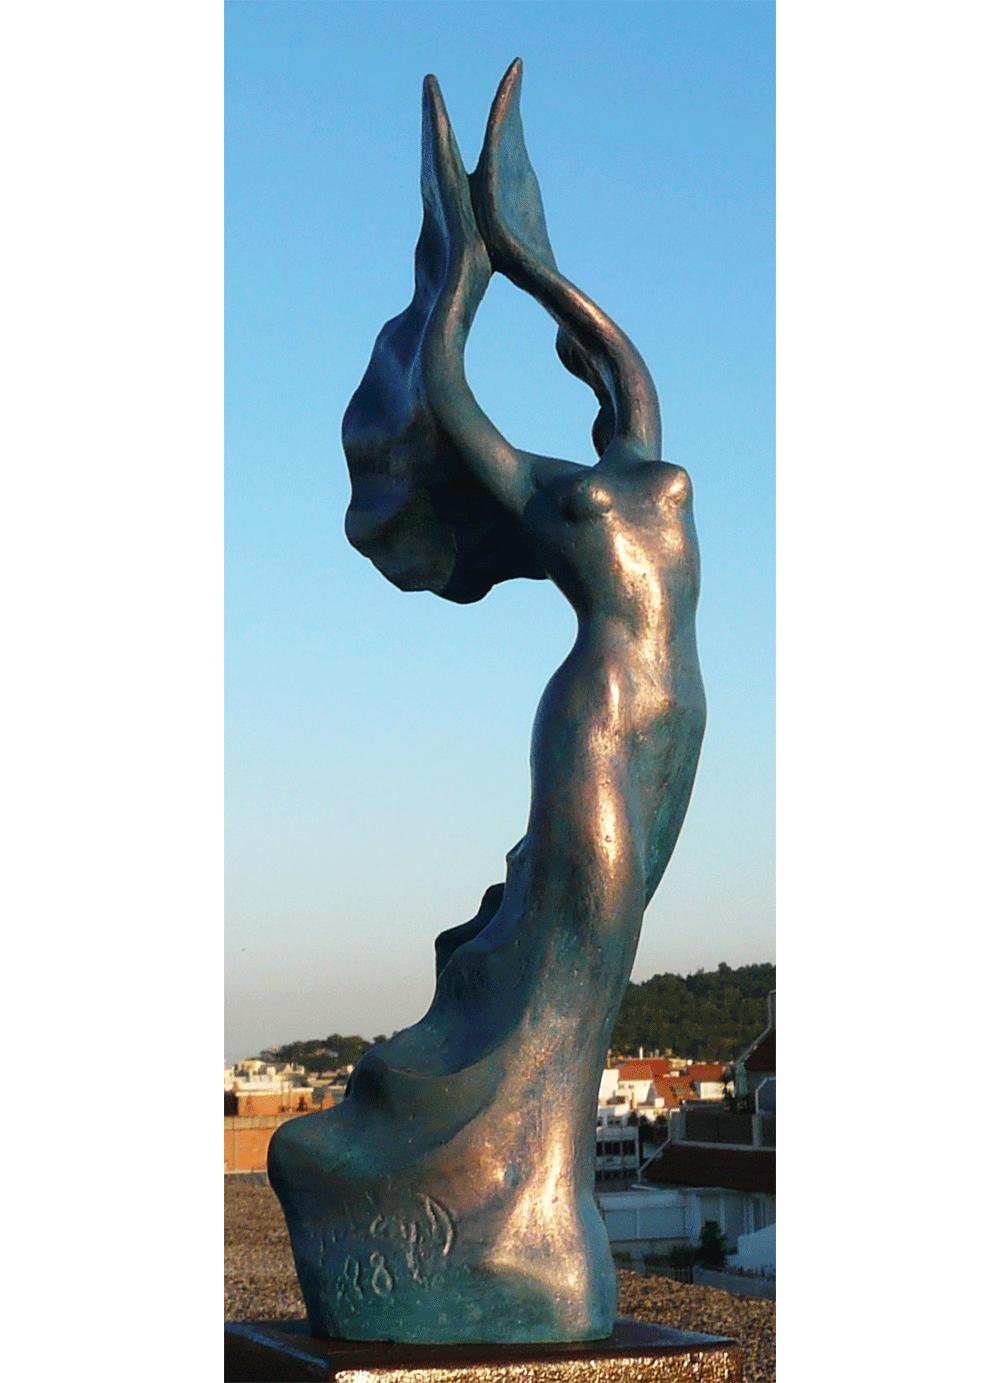 Escultura-Victoria-Bronce-A-Figurativo-Abstracto-RD.Escultor